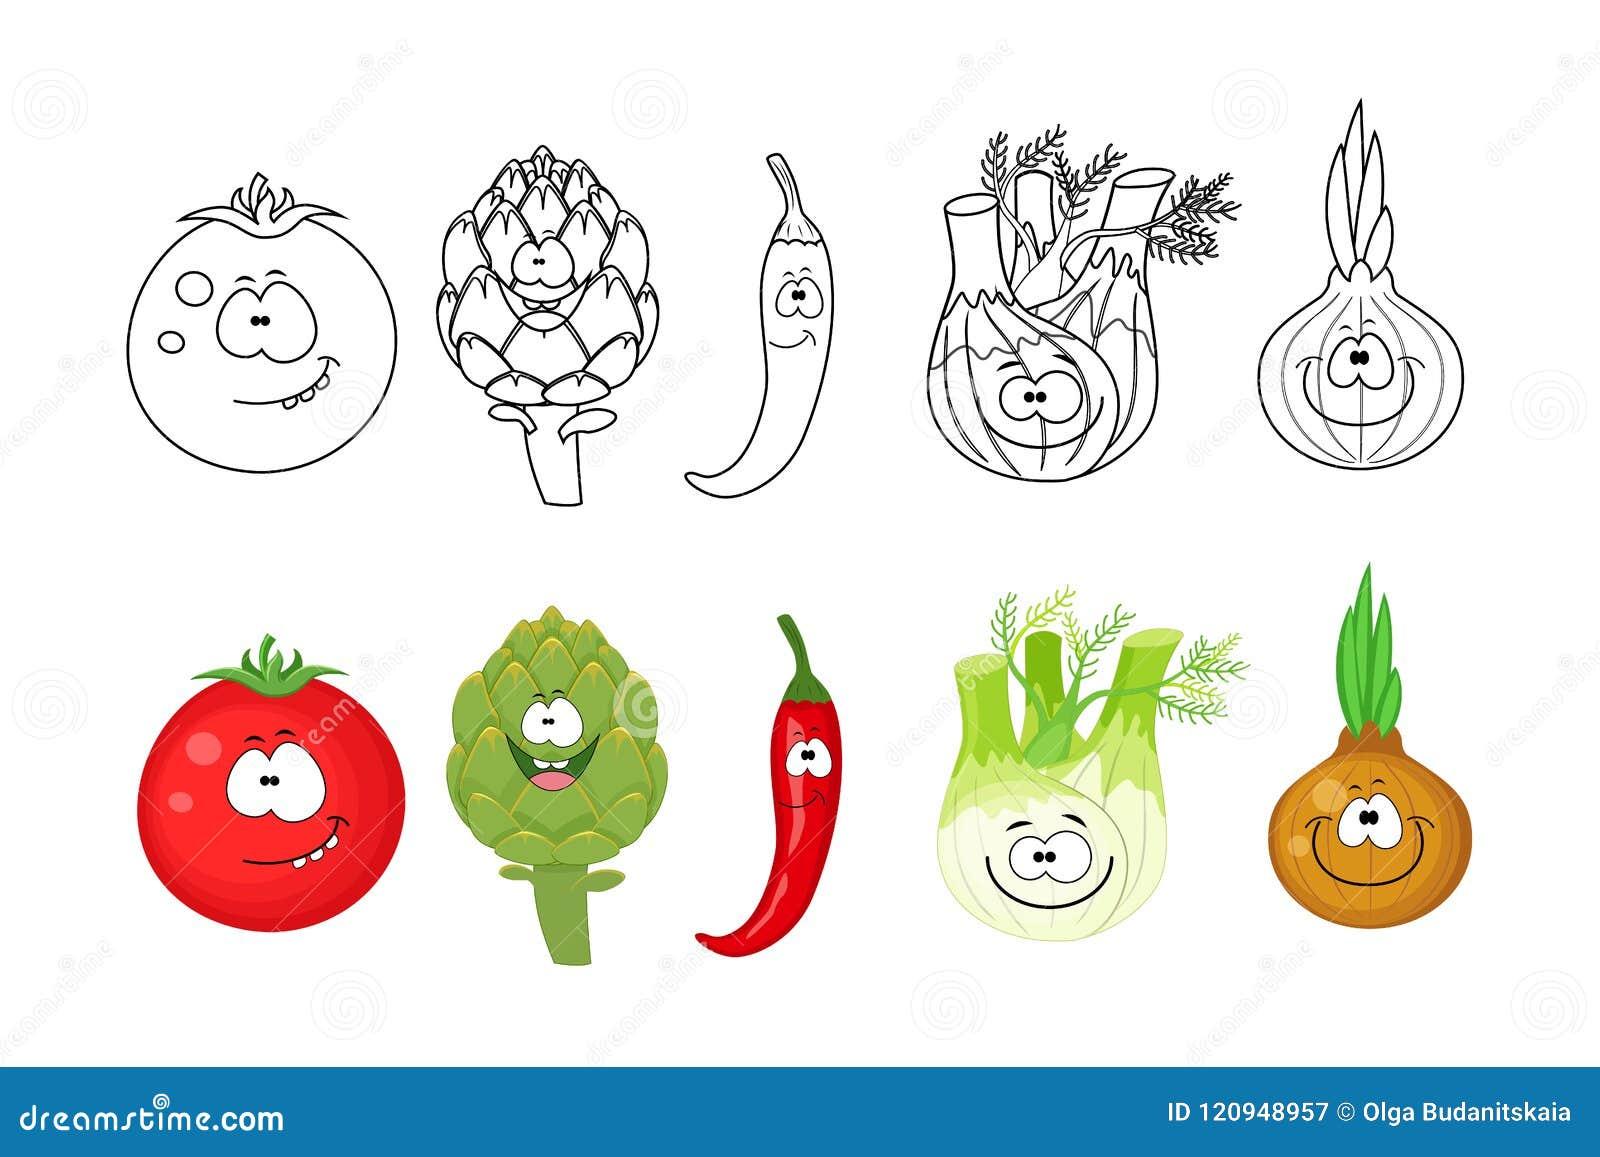 Coloriage Pomme Et Oignon Dessin Anime.Legumes De Bande Dessinee Regles Pages De Livre De Coloriage